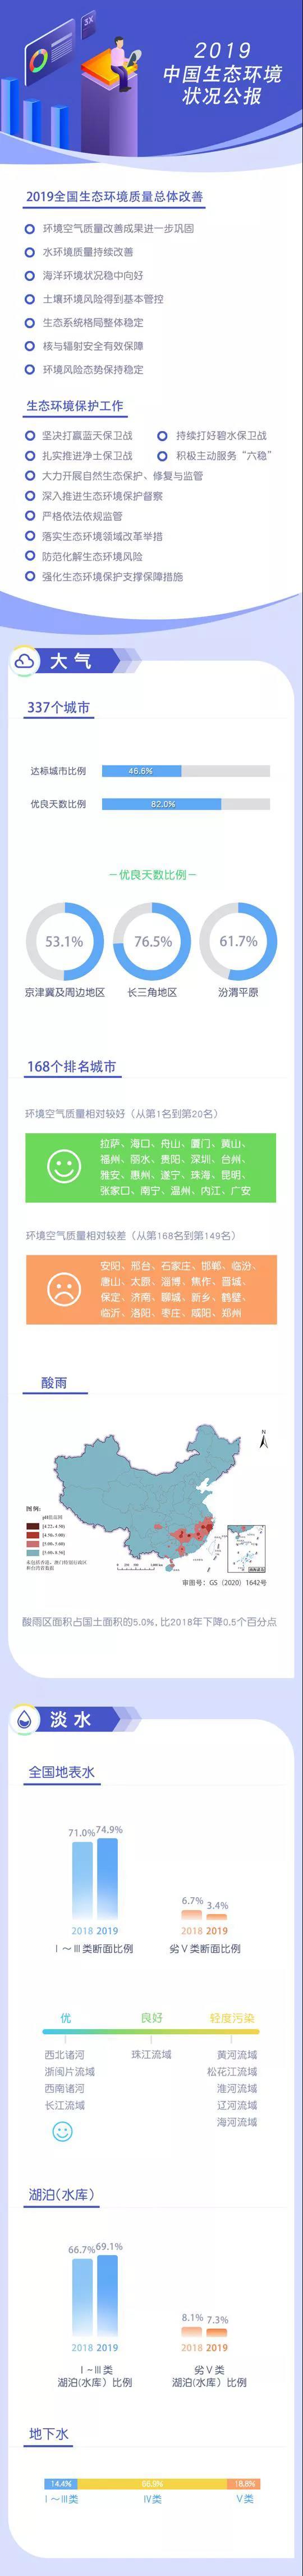 「杏悦娱乐」2杏悦娱乐019中国生态图片